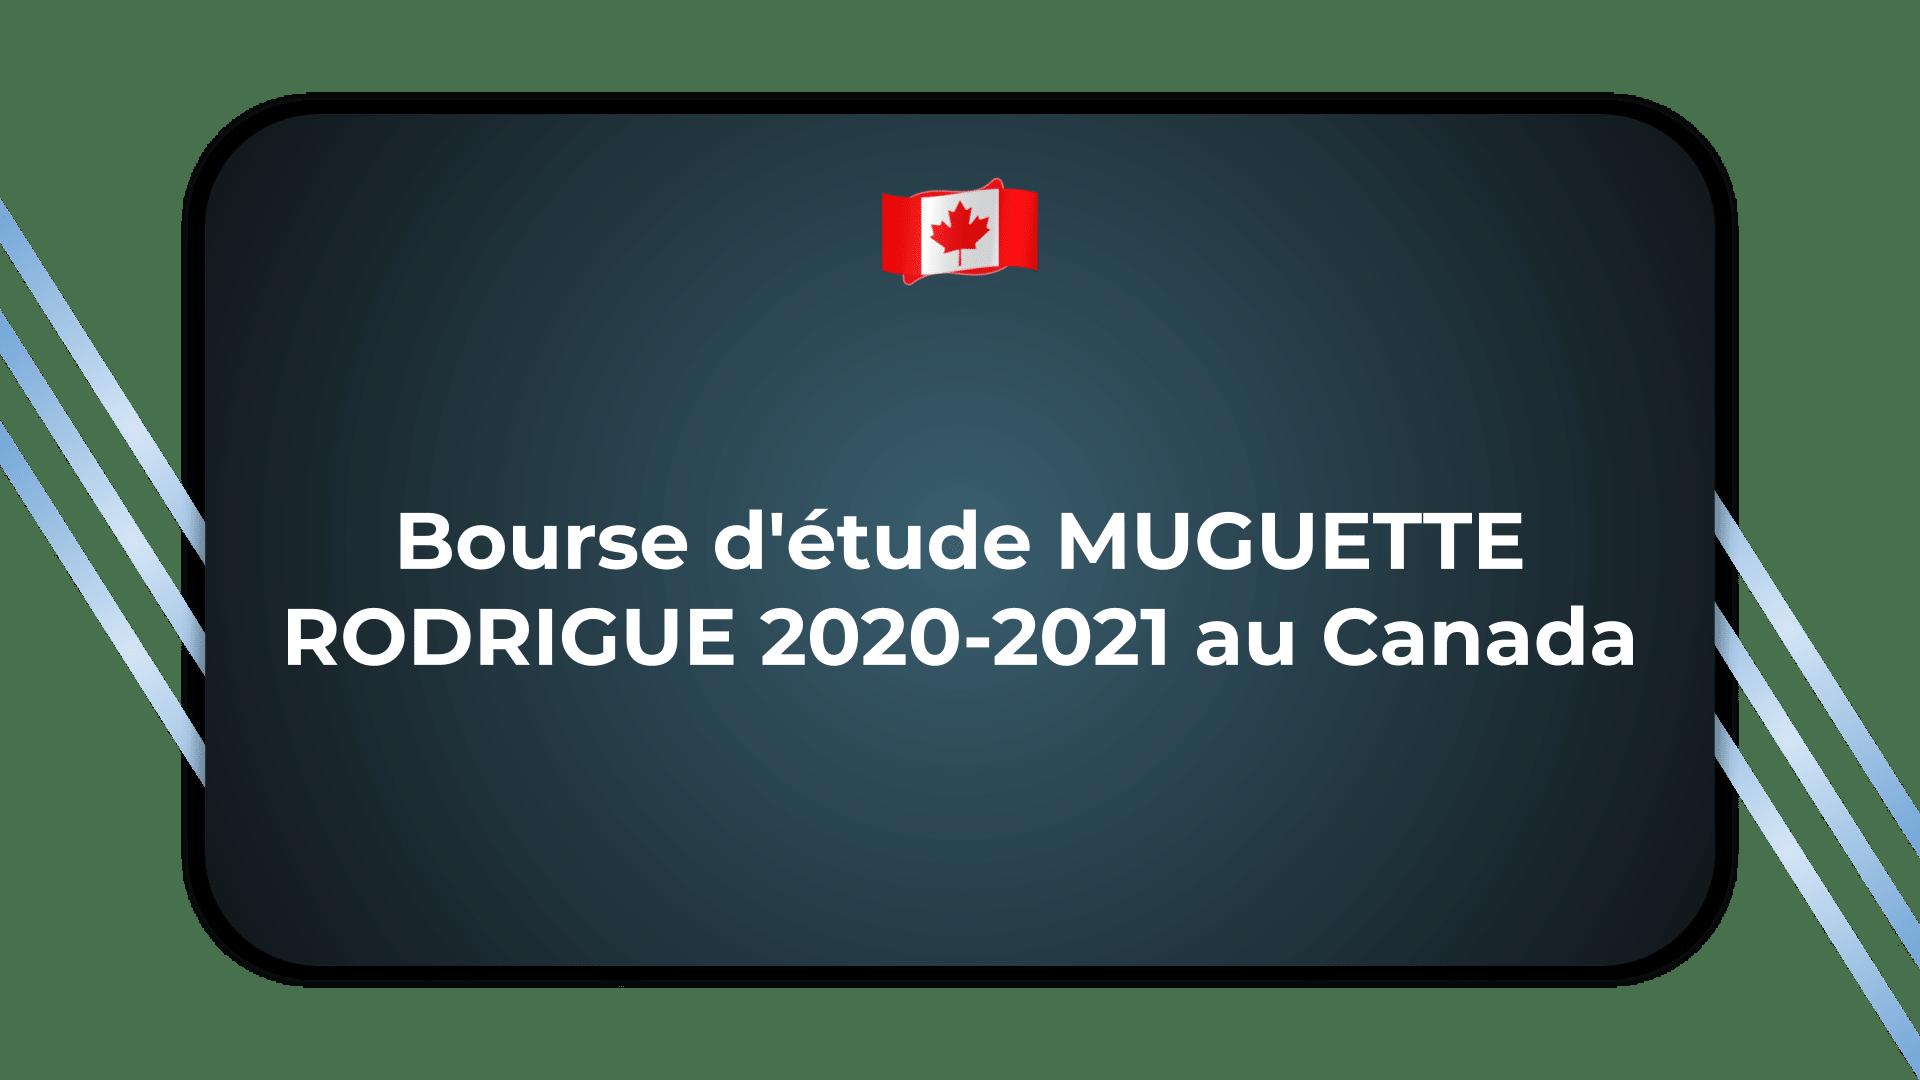 Bourse d'étude MUGUETTE RODRIGUE